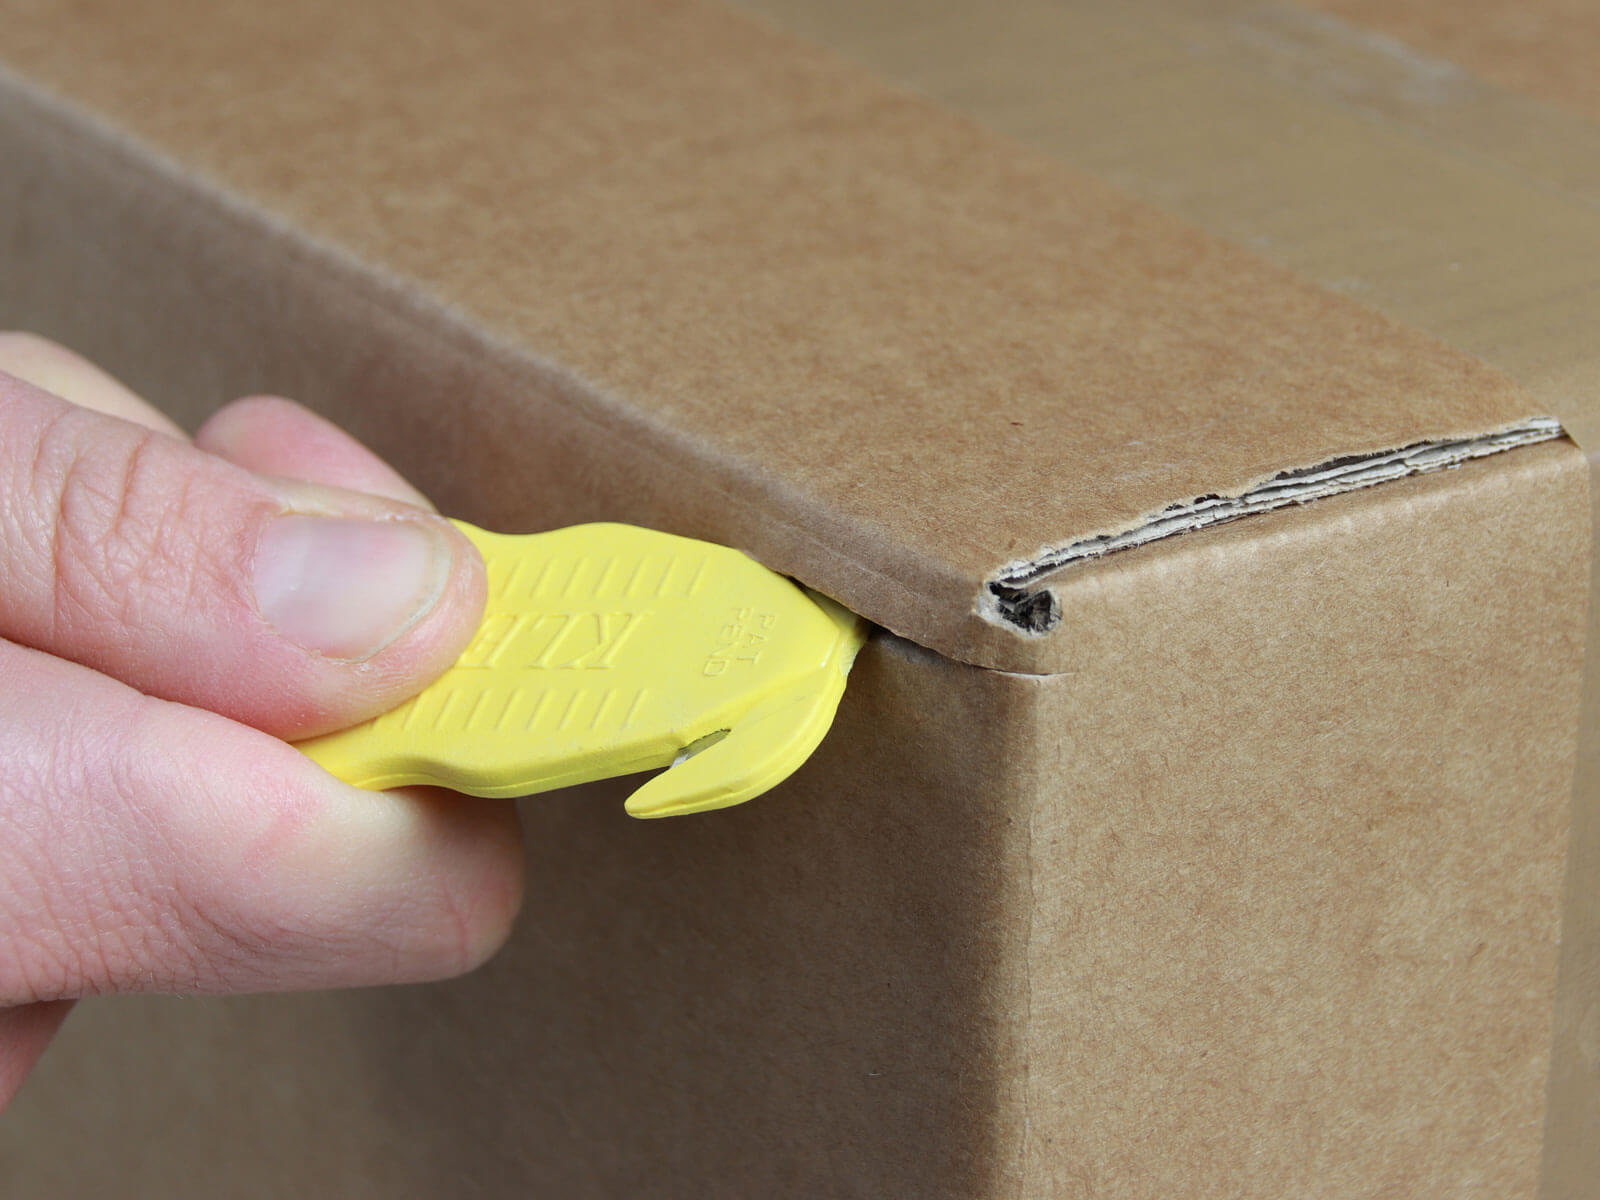 H035G Sicherheitsmesser Schutzhaken mini Karton schneiden abdeckeln CURT-tools